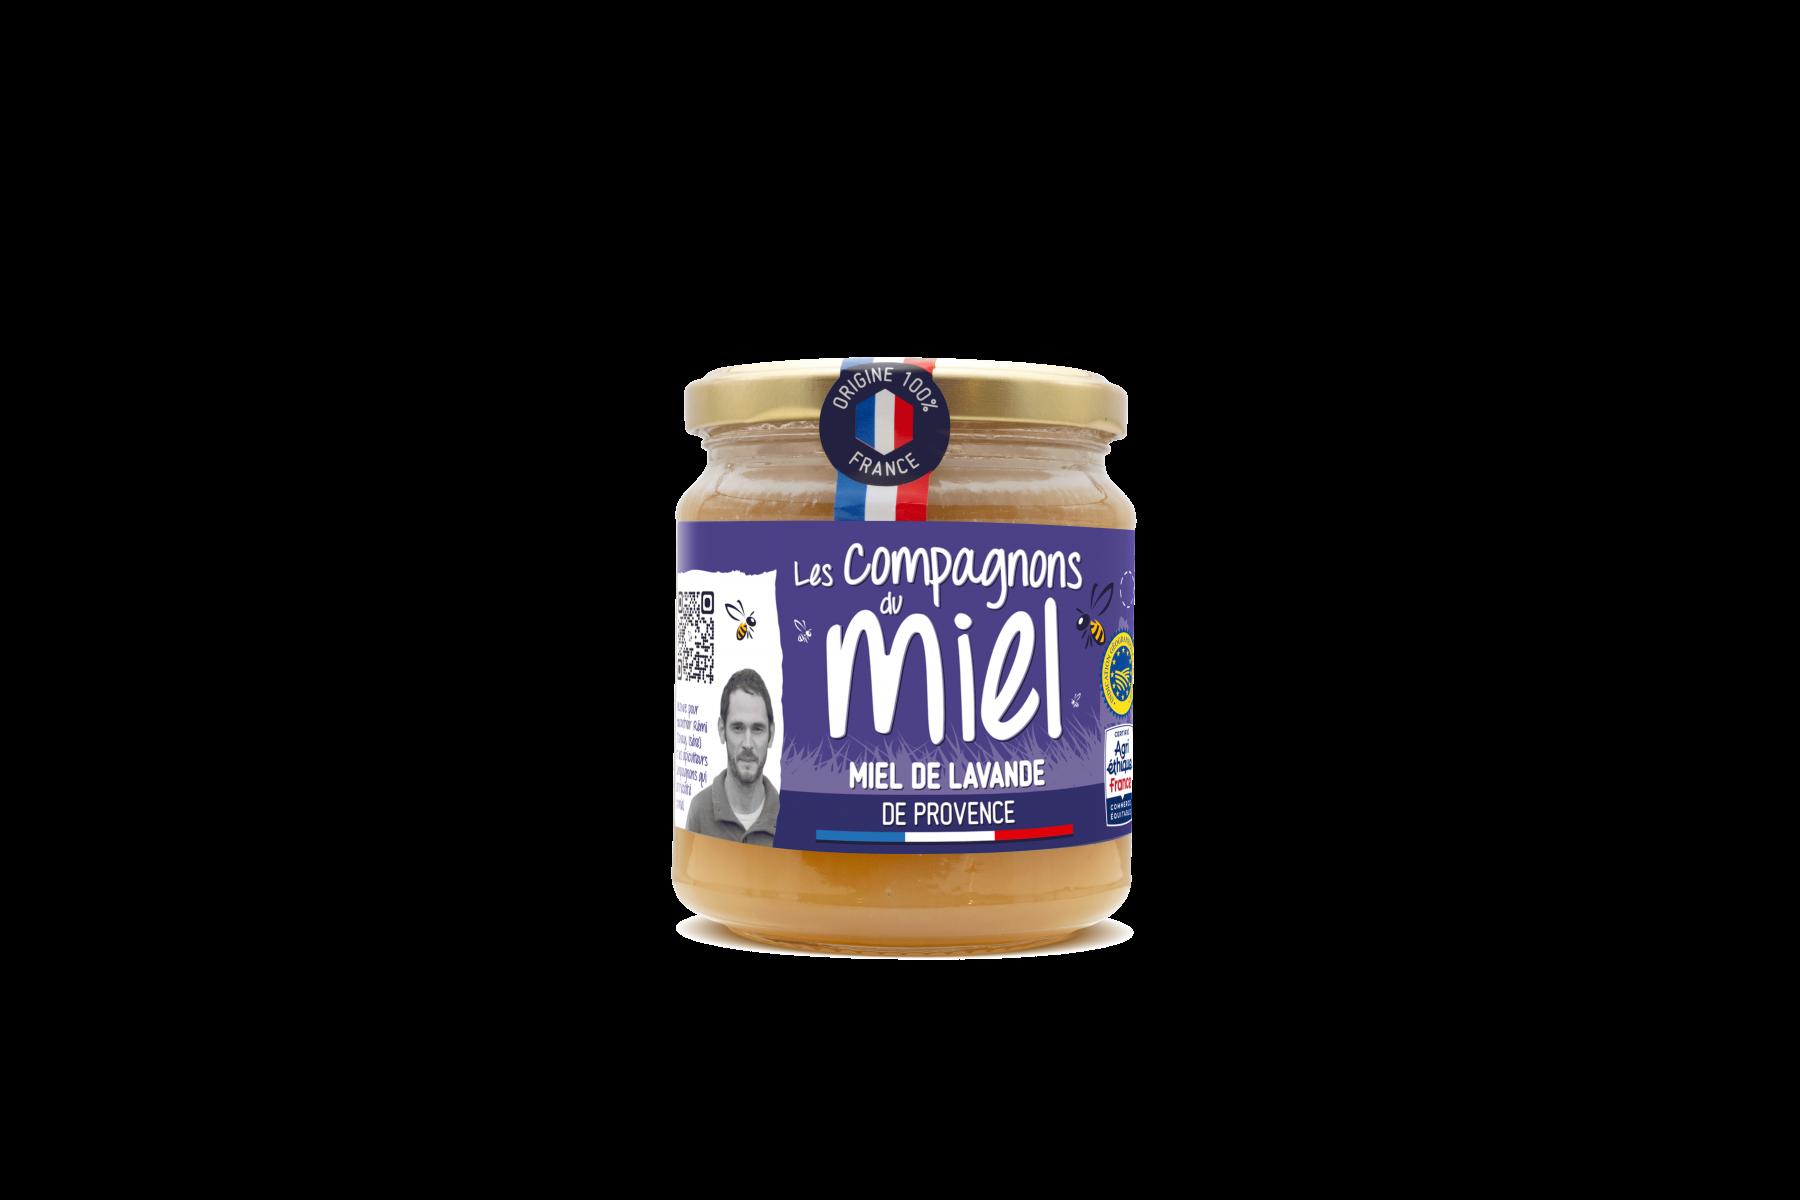 LCDM_Miel-de-Lavande